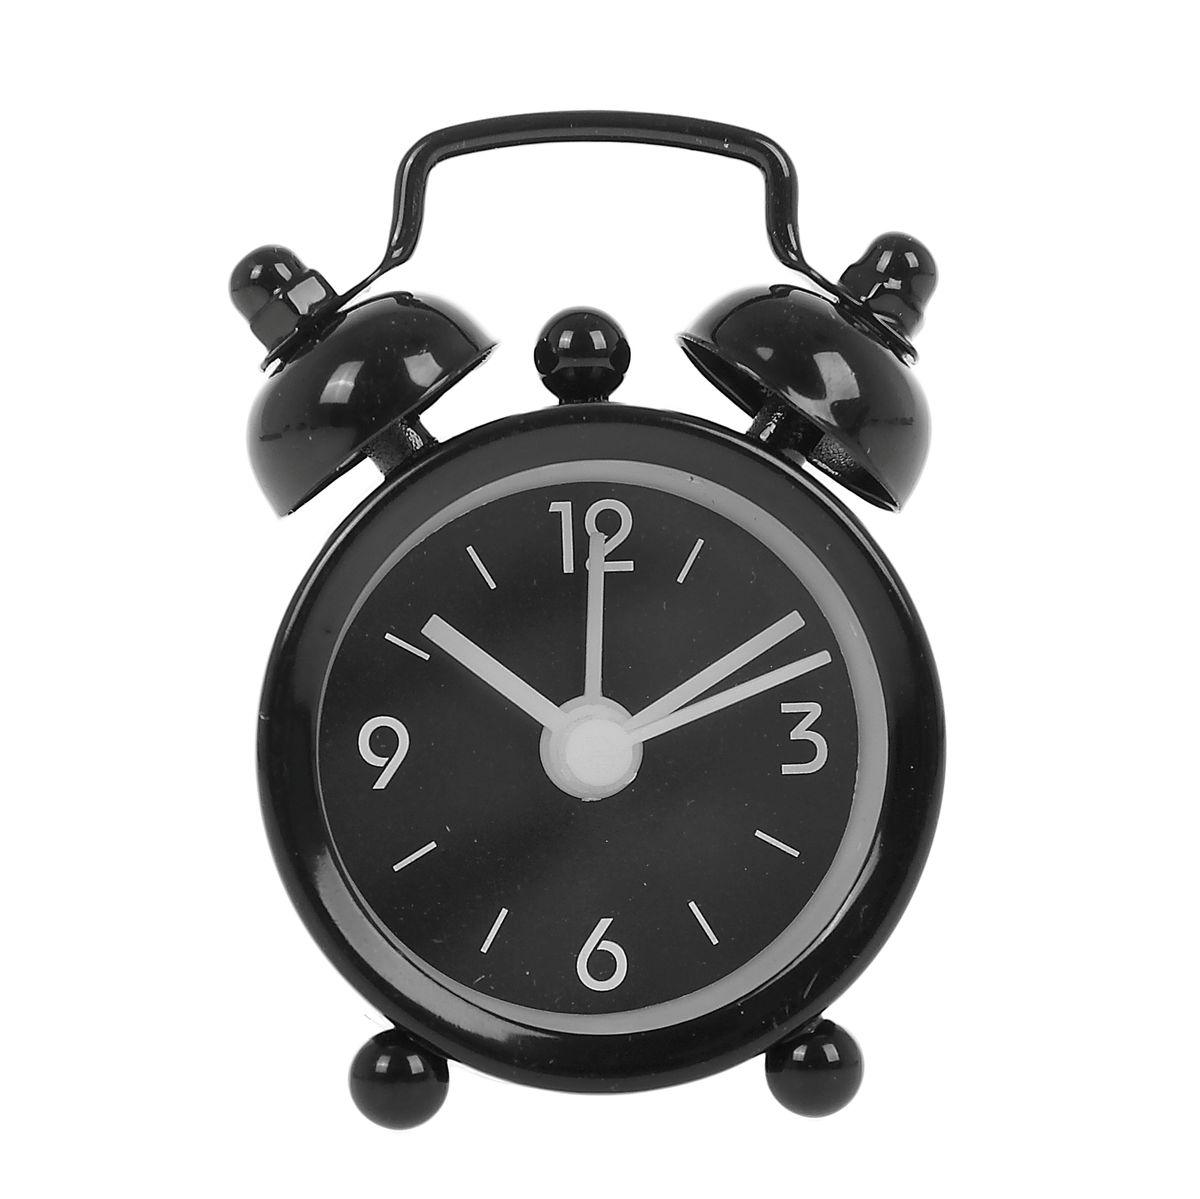 Часы-будильник Sima-land Супермини, цвет: черный720783Как же сложно иногда вставать вовремя! Всегда так хочется поспать еще хотя бы 5 минут и бывает, что мы просыпаем. Теперь этого не случится! Яркий, оригинальный мини-будильник Sima-land поможет вам всегда вставать в нужное время и успевать везде и всюду. Корпус будильника выполнен из металла. Часы снабжены 4 стрелками (секундная, минутная, часовая и для будильника). На задней панели будильника расположен переключатель включения/выключения механизма, а также два колесика для настройки текущего времени и времени звонка будильника.Пользоваться будильником очень легко: нужно всего лишь поставить батарейку, настроить точное время и установить время звонка.Часы работают от 1 батарейки типа LR44 (входит в комплект).